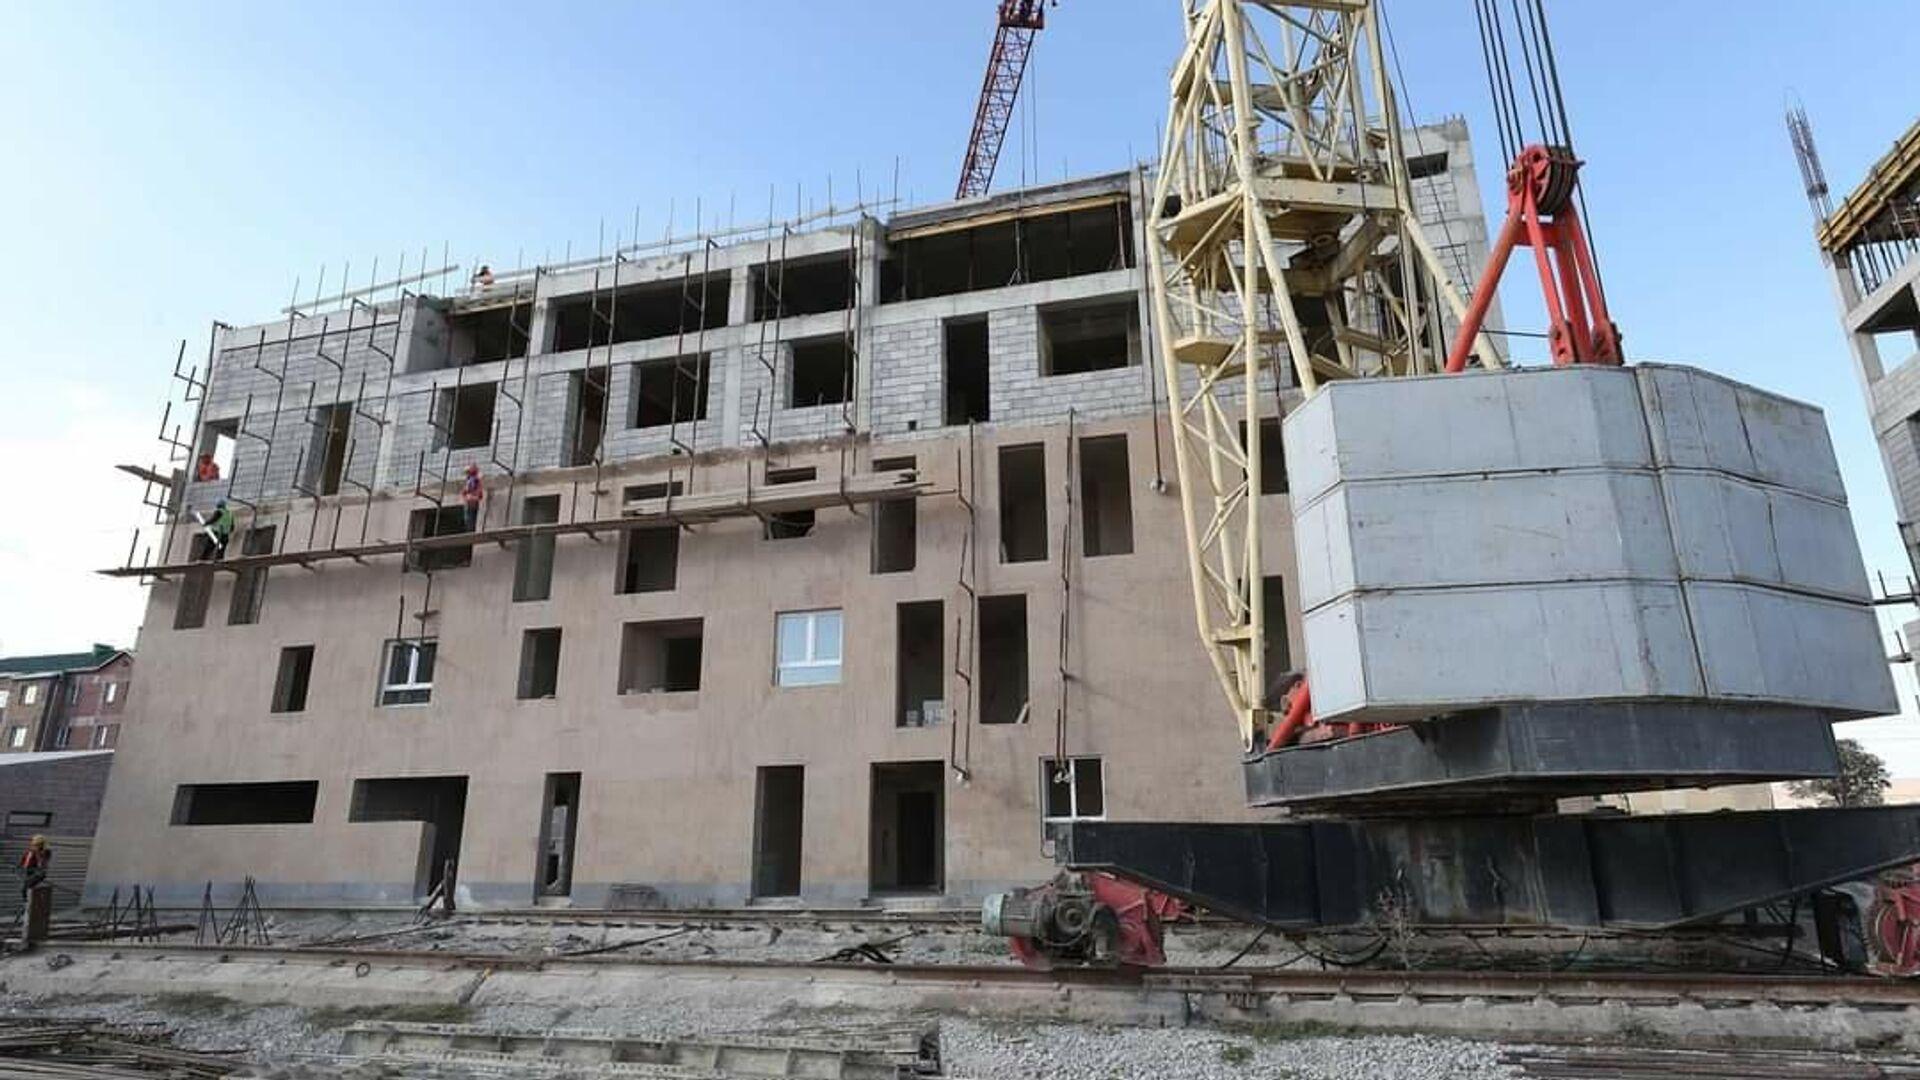 Գյումրու Մուշ թաղամասում 40 ընտանիքի համար շենքեր են կառուցվում - Sputnik Արմենիա, 1920, 19.09.2021